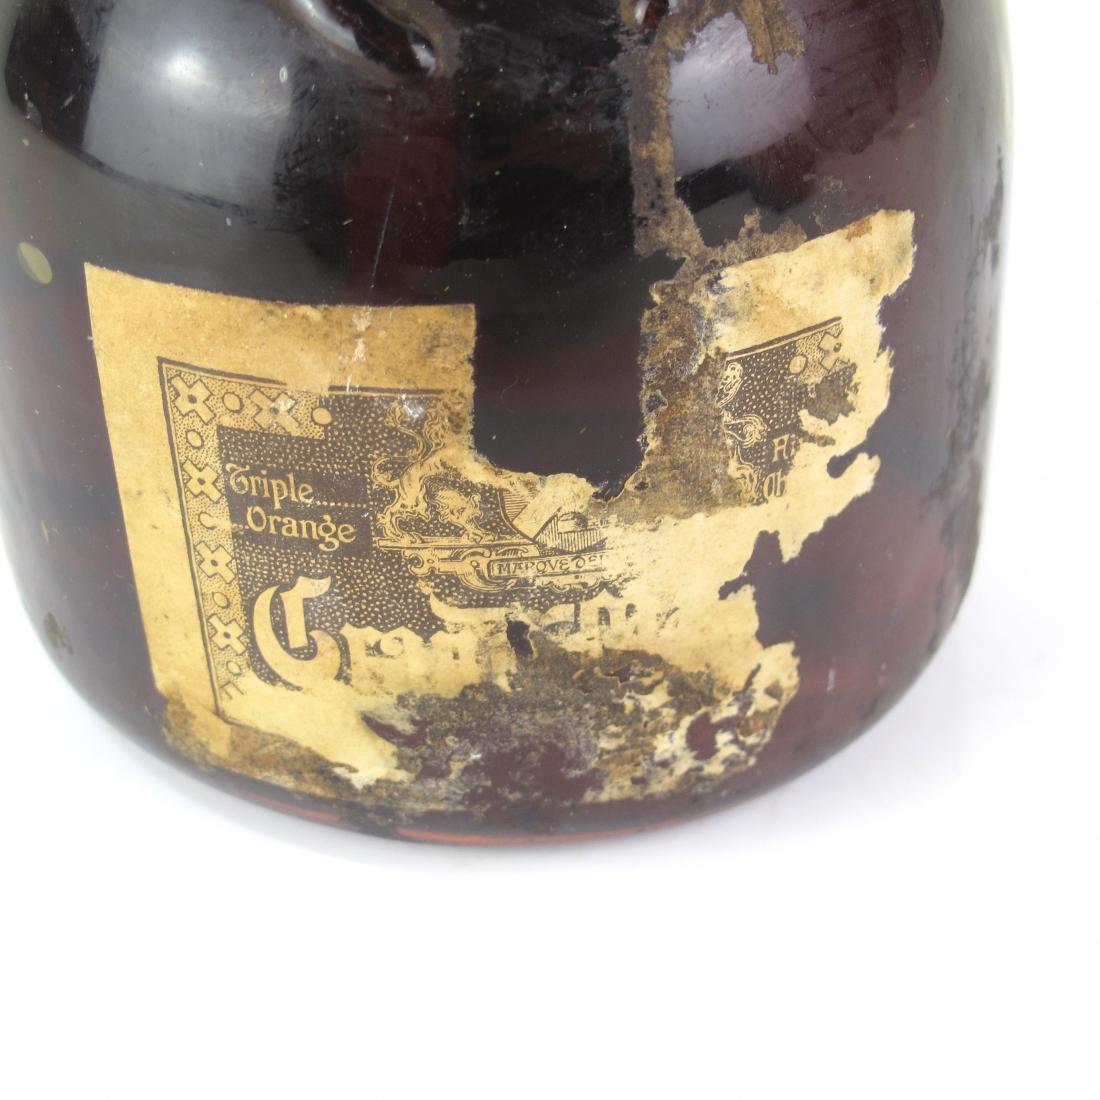 Grand Marnier Cordon Jaune 1930/40s